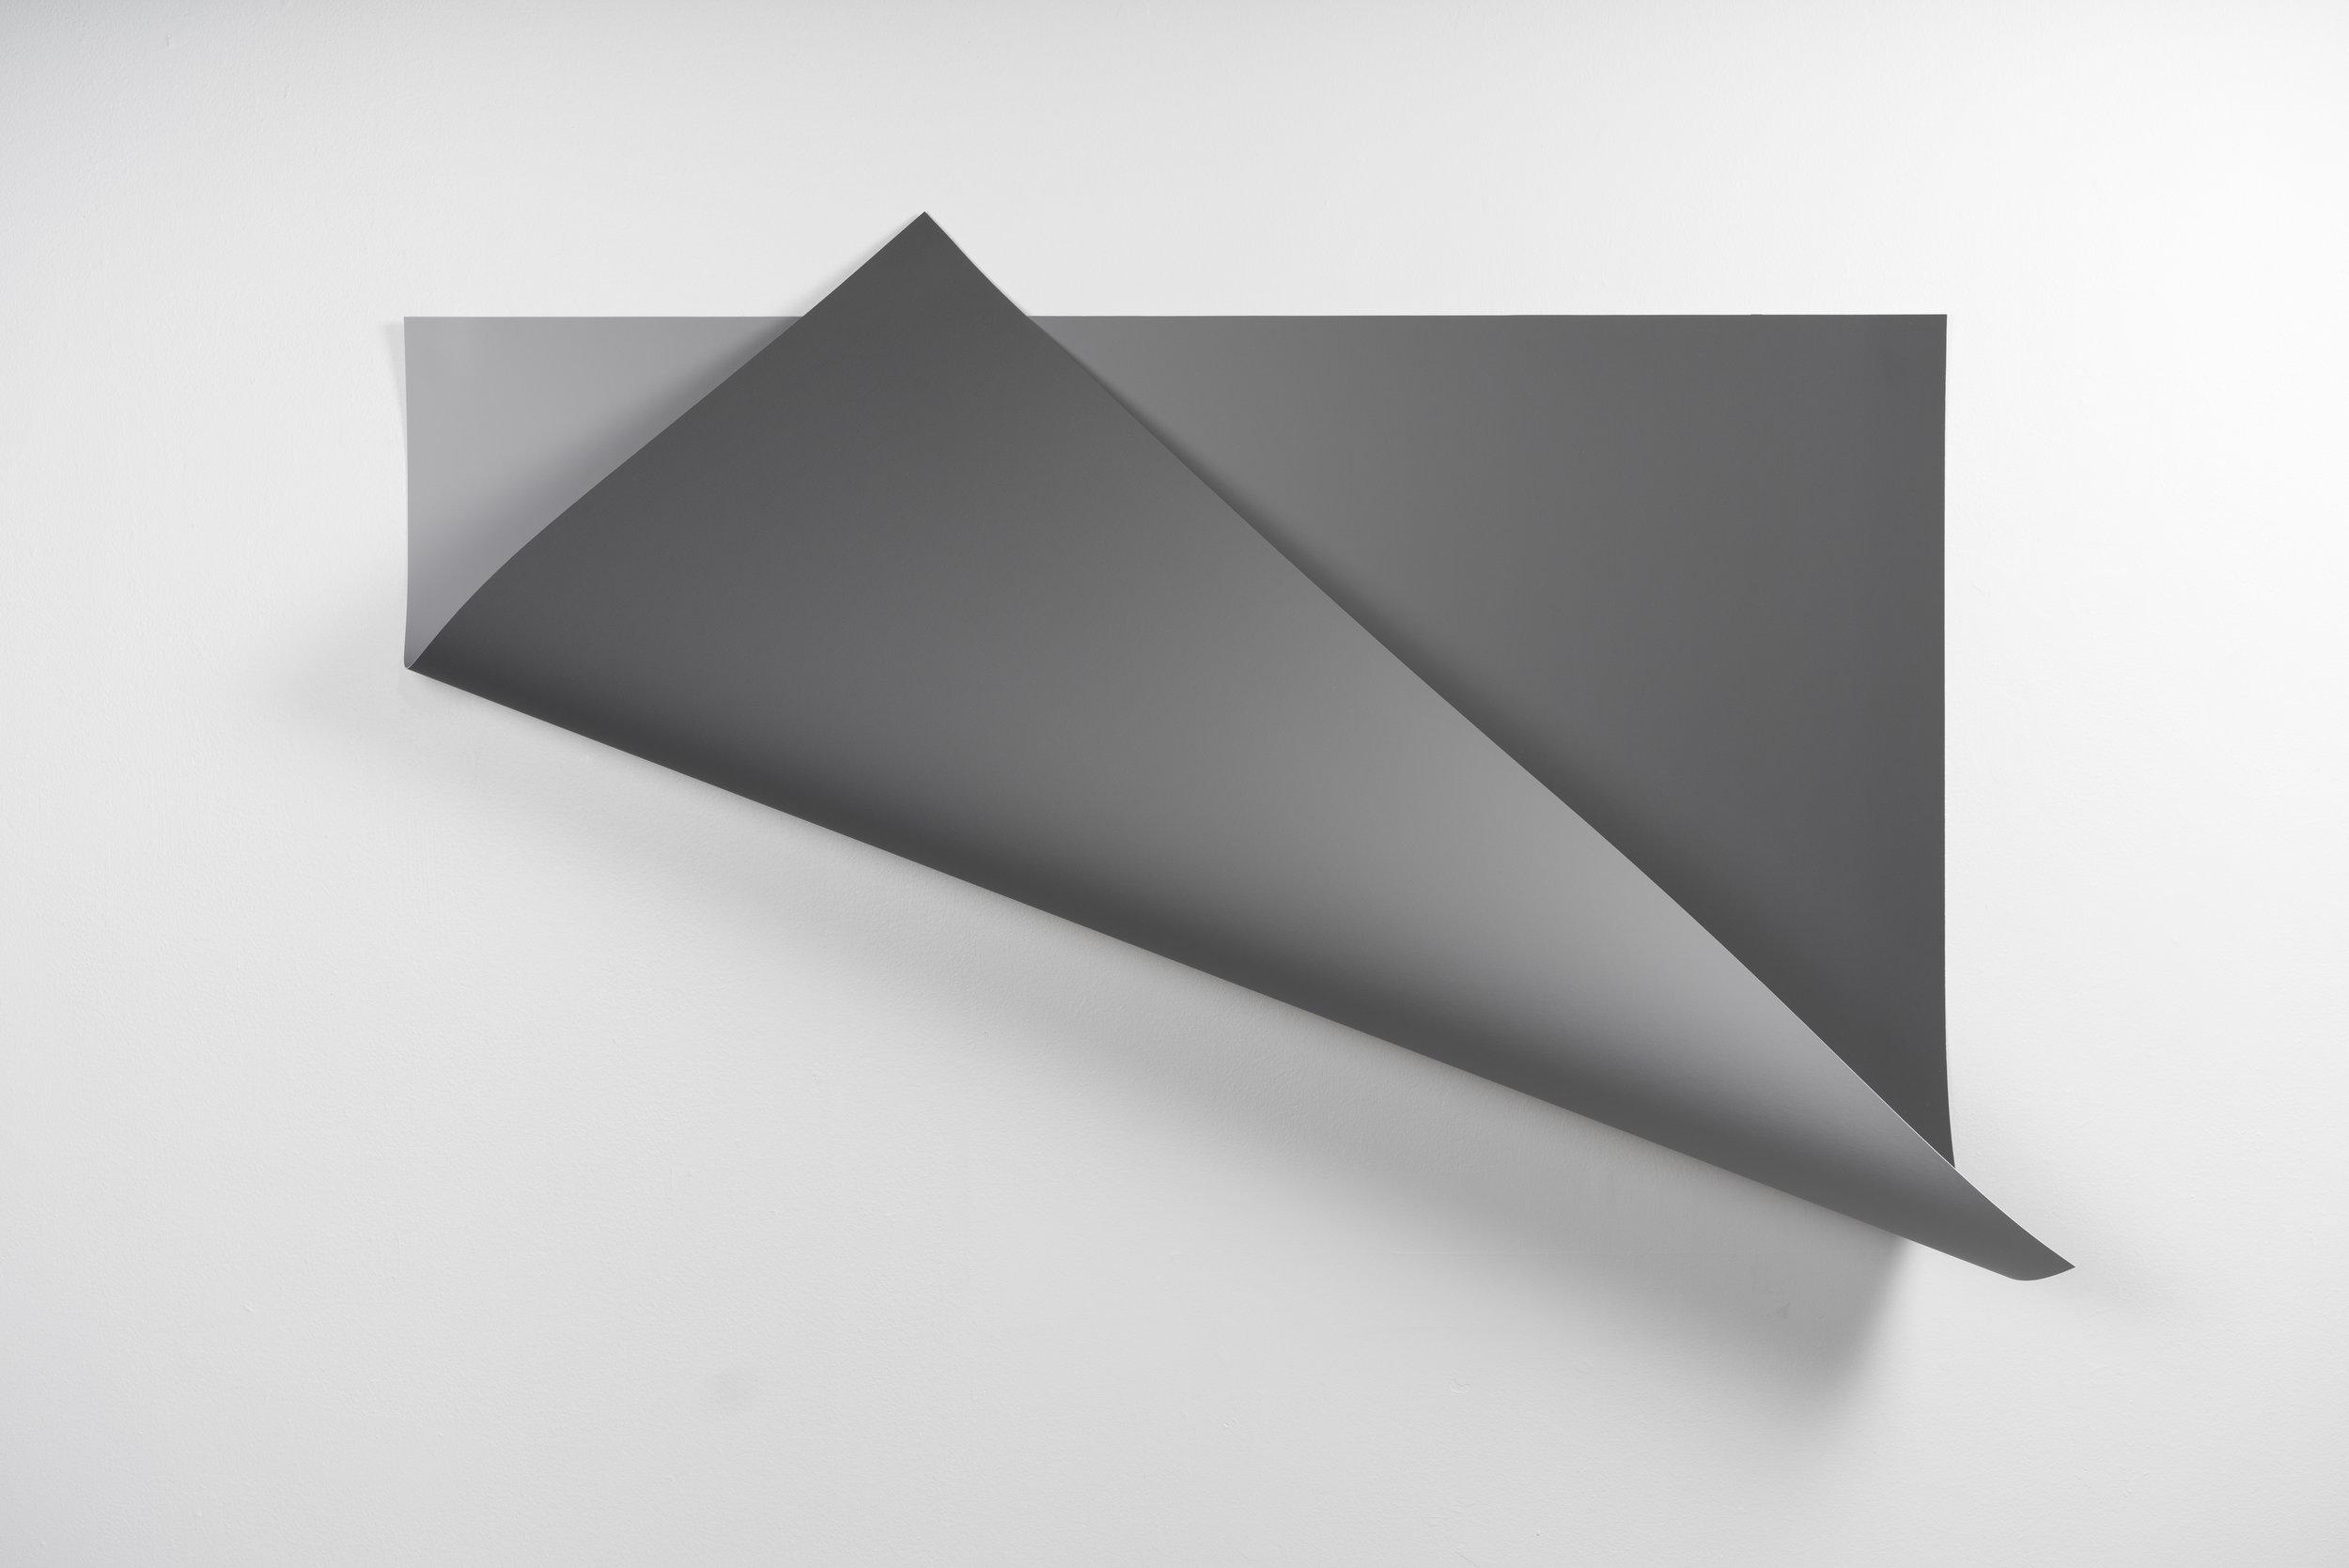 Between grey, Variation II